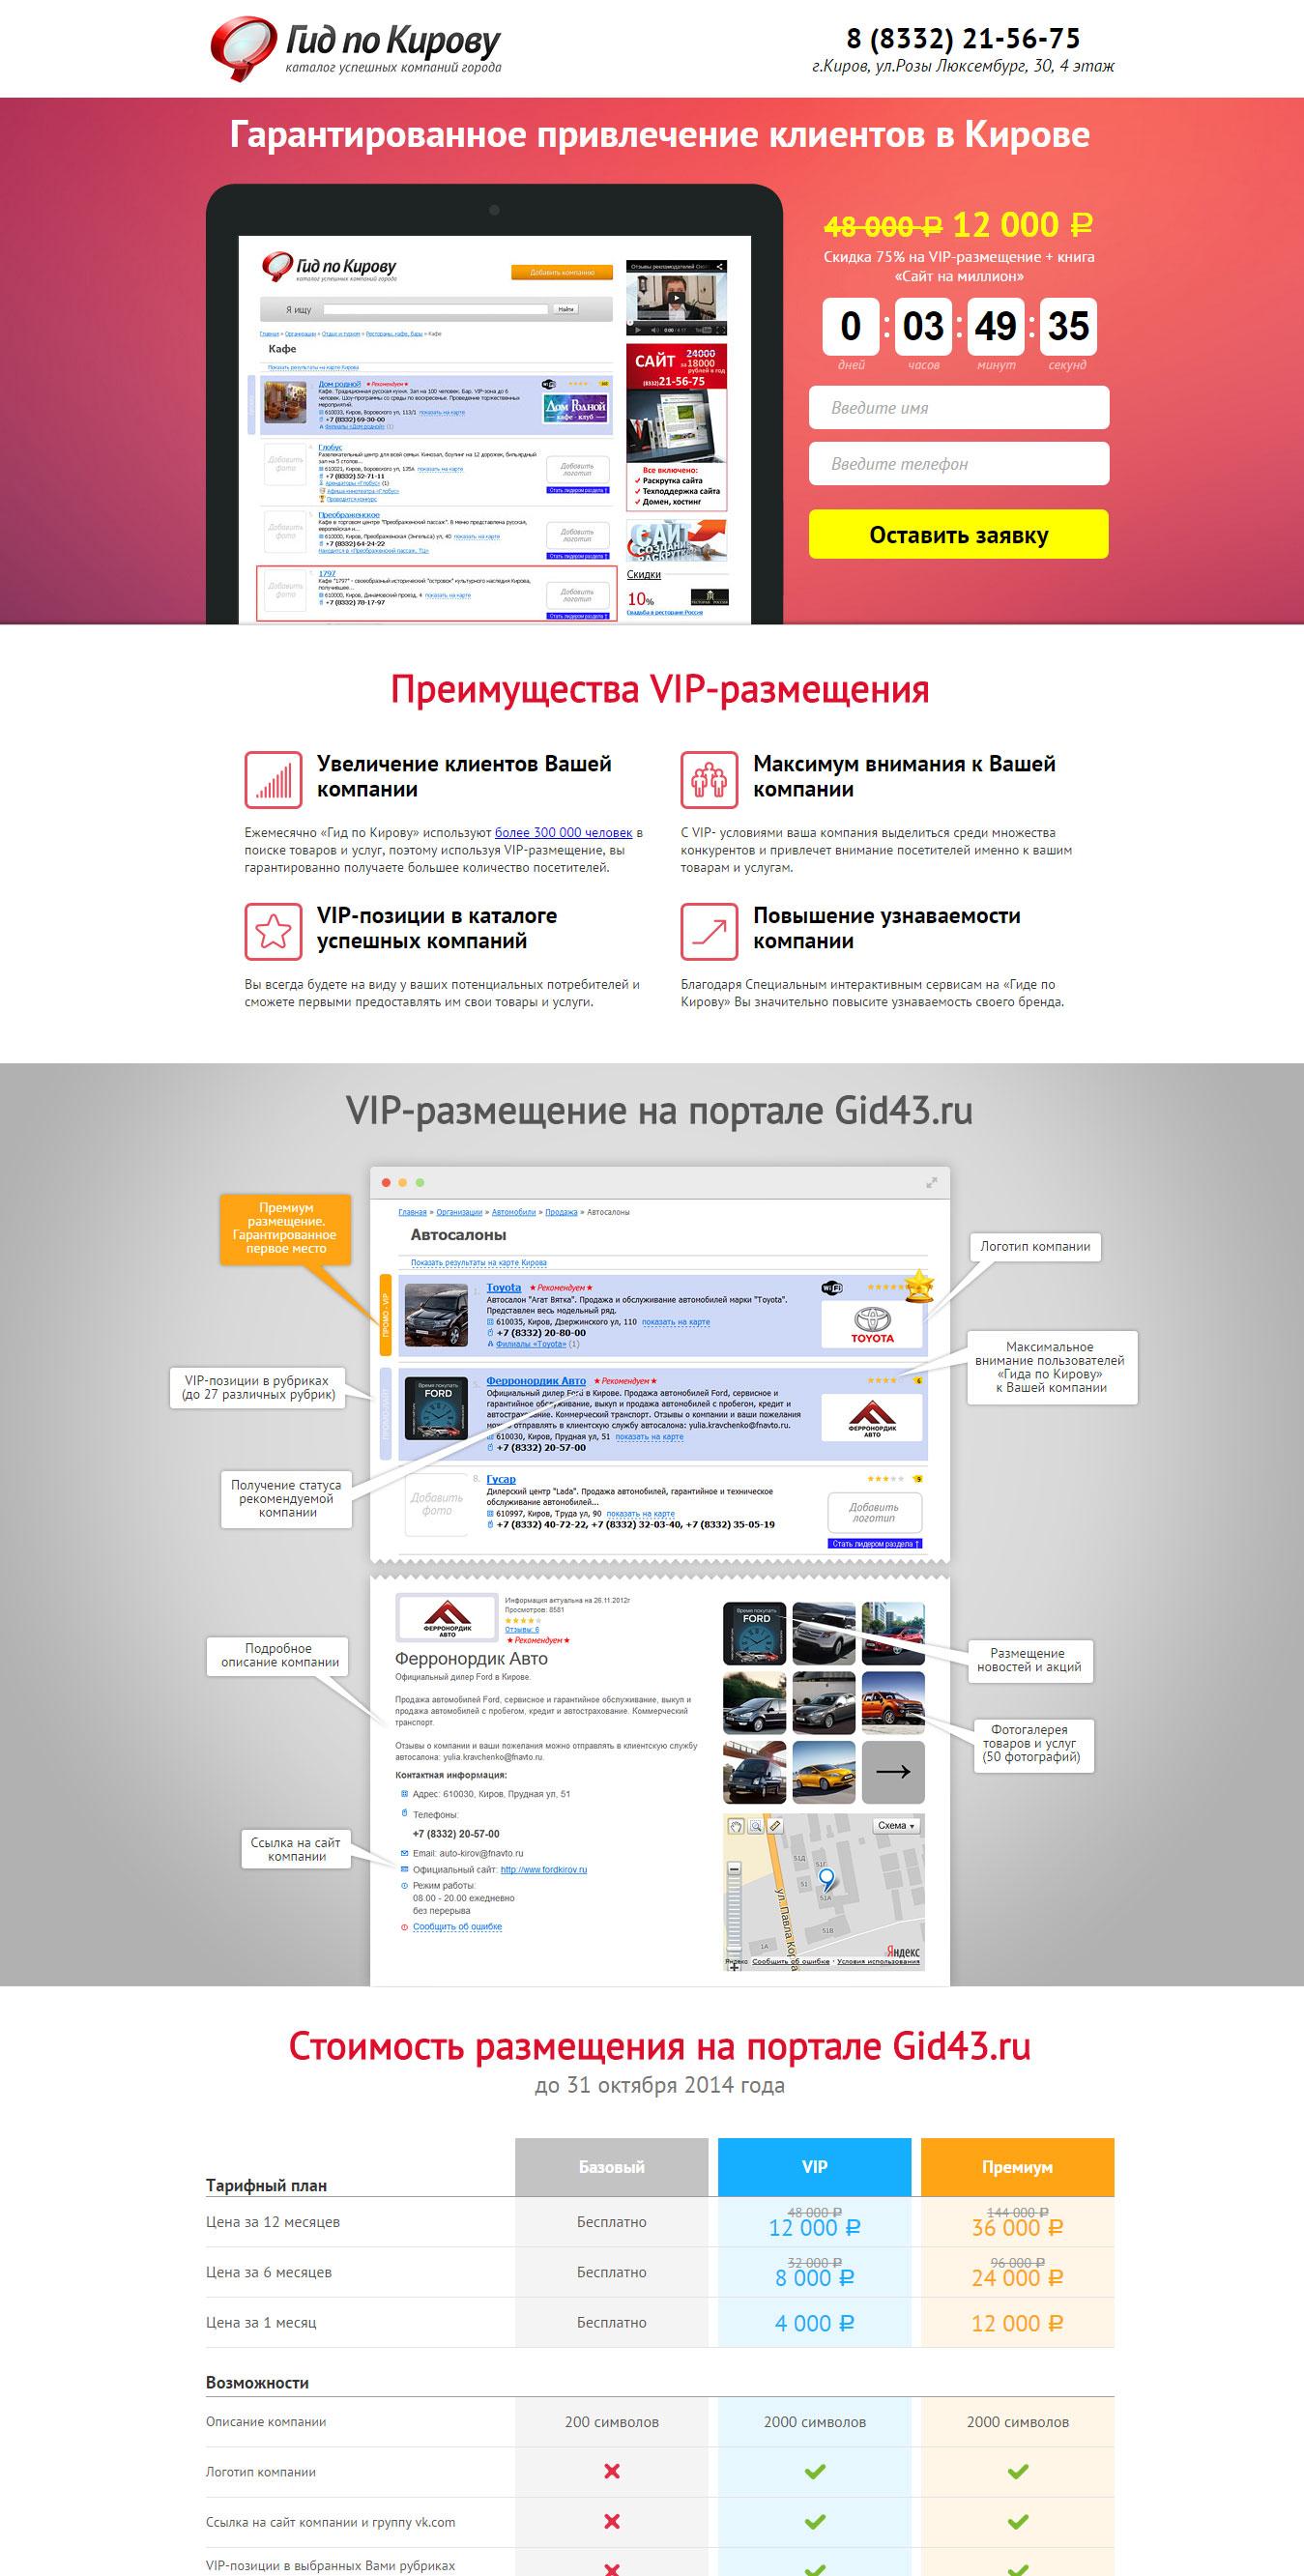 Бесплатный сайт для размещения компании прайс лист по созданию сайтов